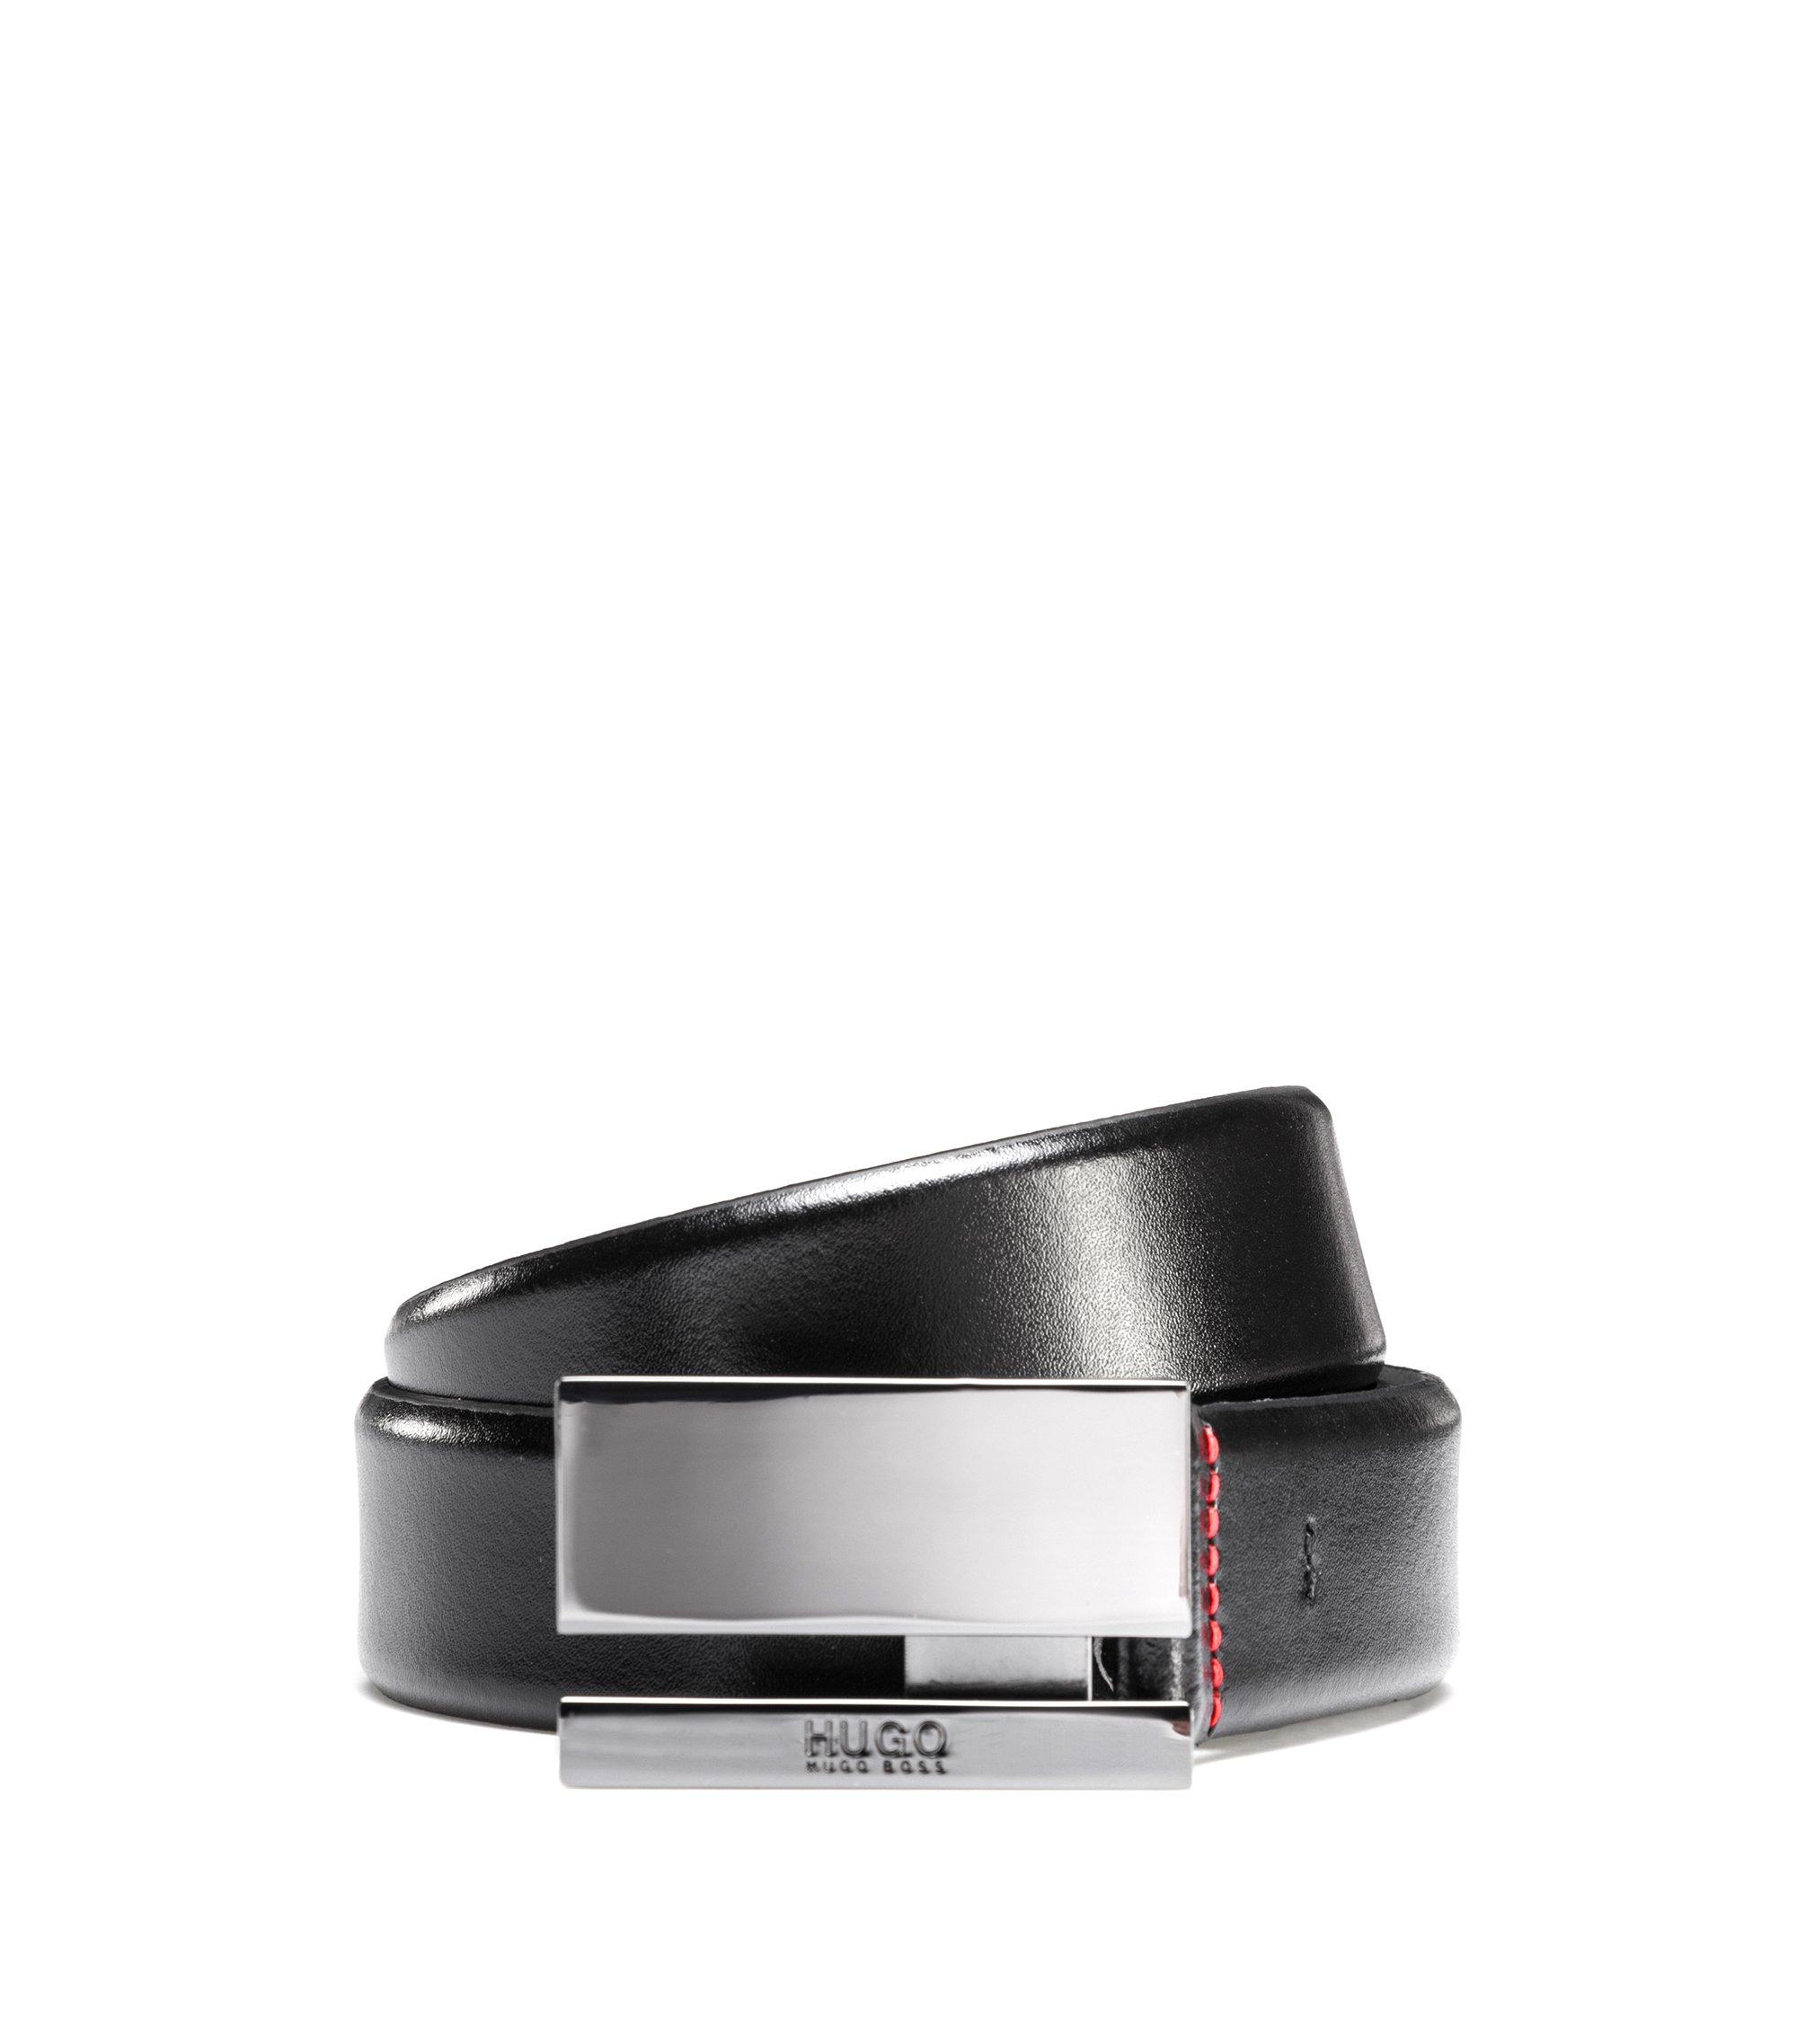 Gürtel aus Glattleder mit polierter Koppelschließe aus Metall, Schwarz